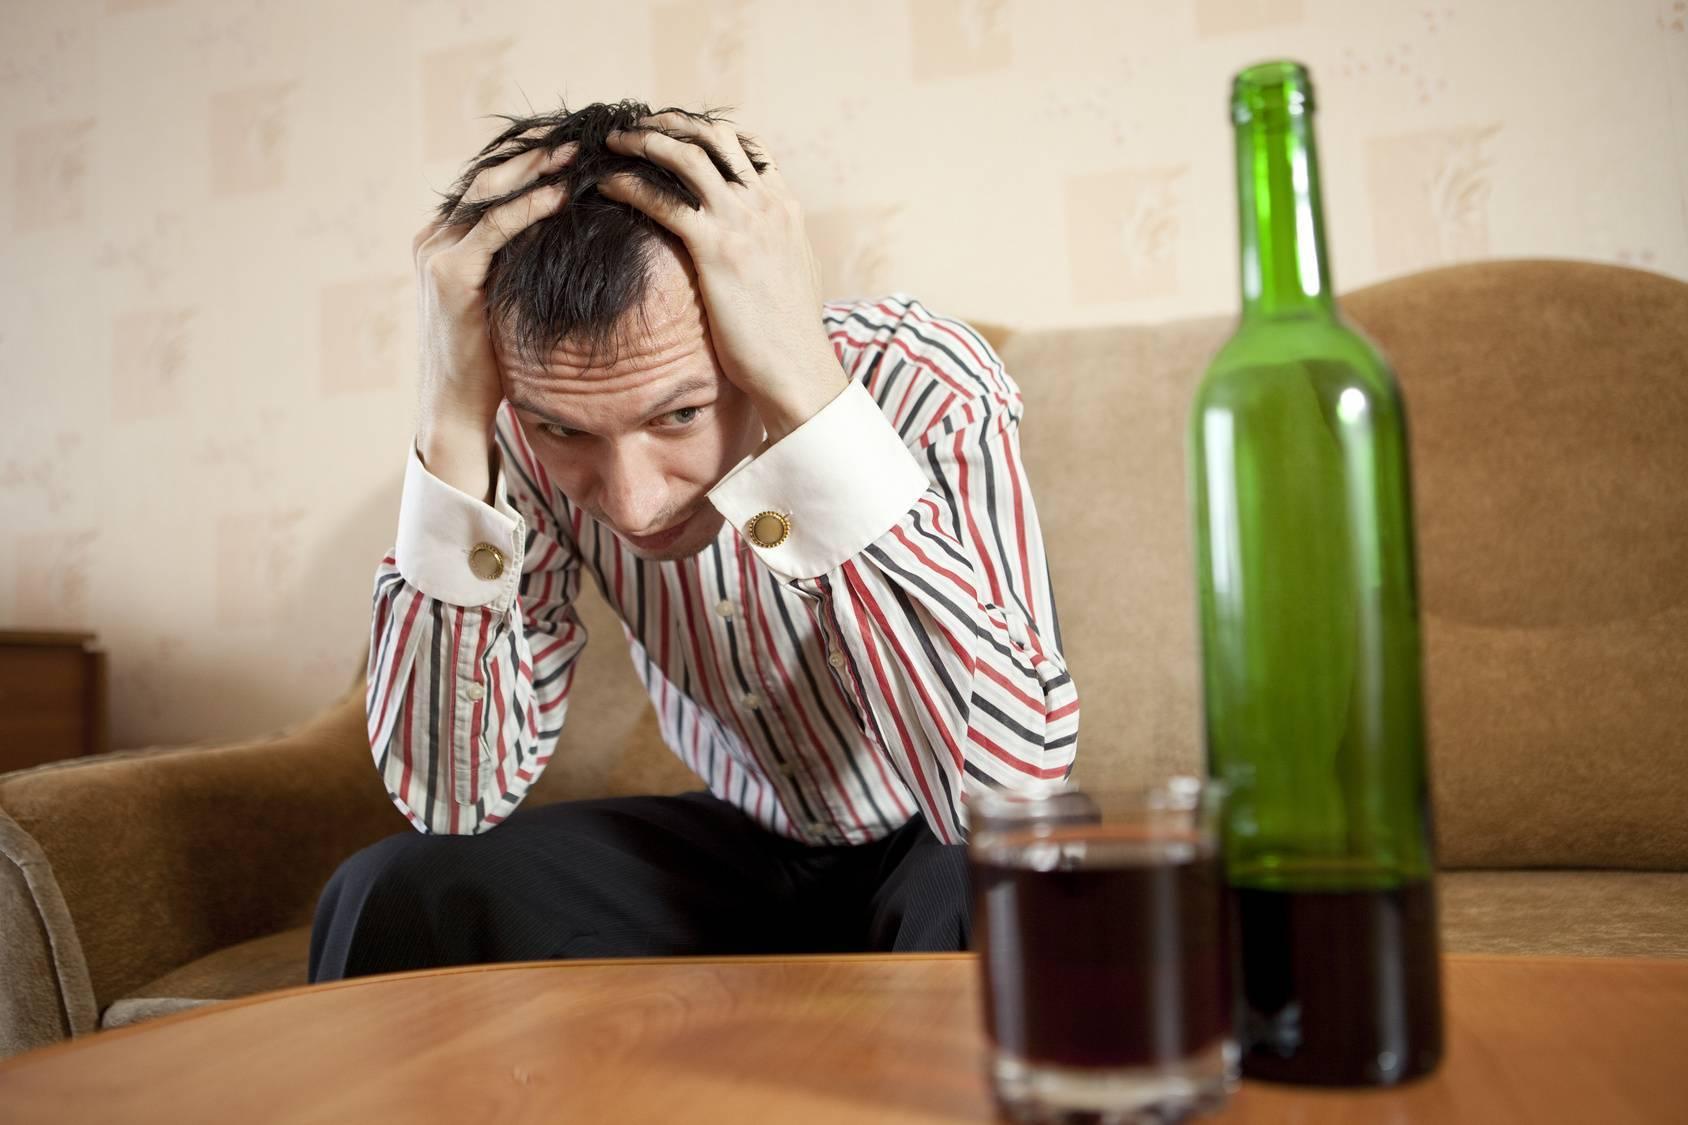 Чувство тревоги после употребления алкоголя - всё об алкоголизме